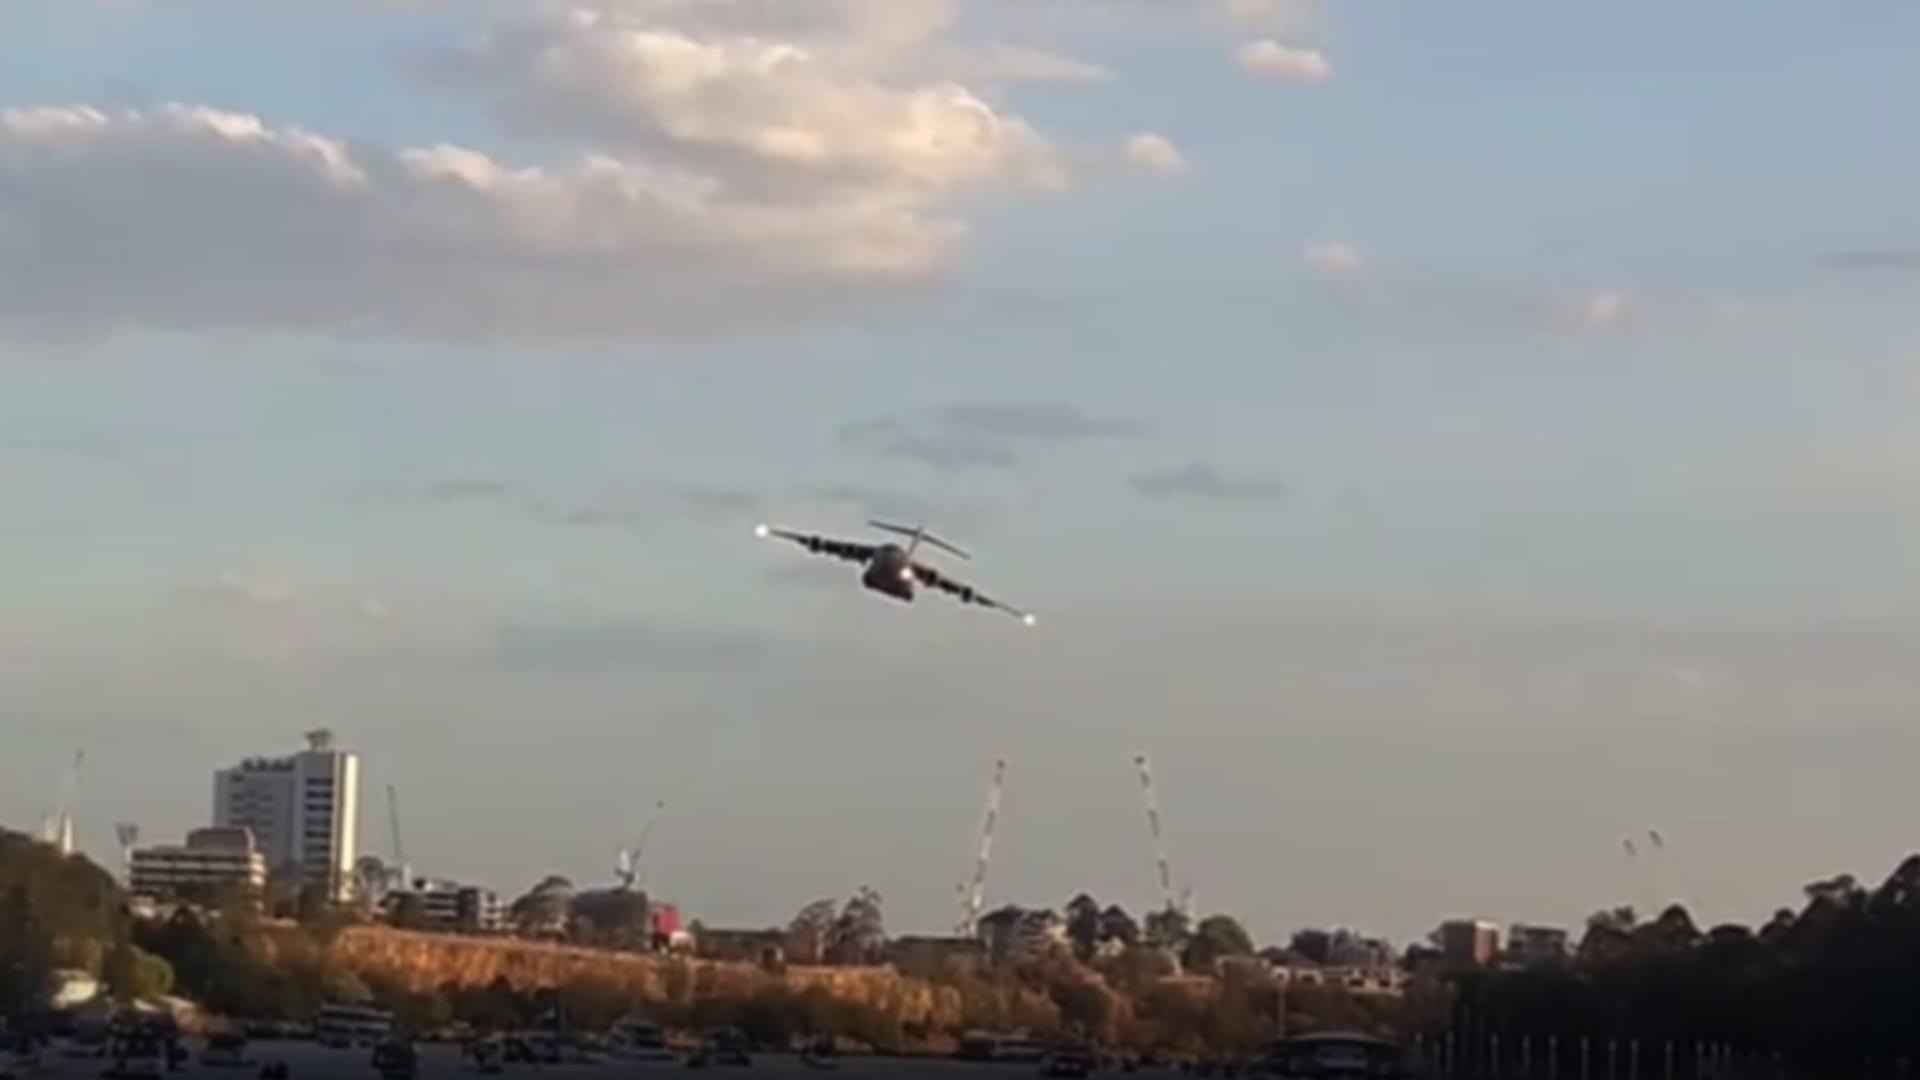 شاهد.. طائرة عسكرية ضخمة تحلق بين المباني على ارتفاع منخفض في أستراليا